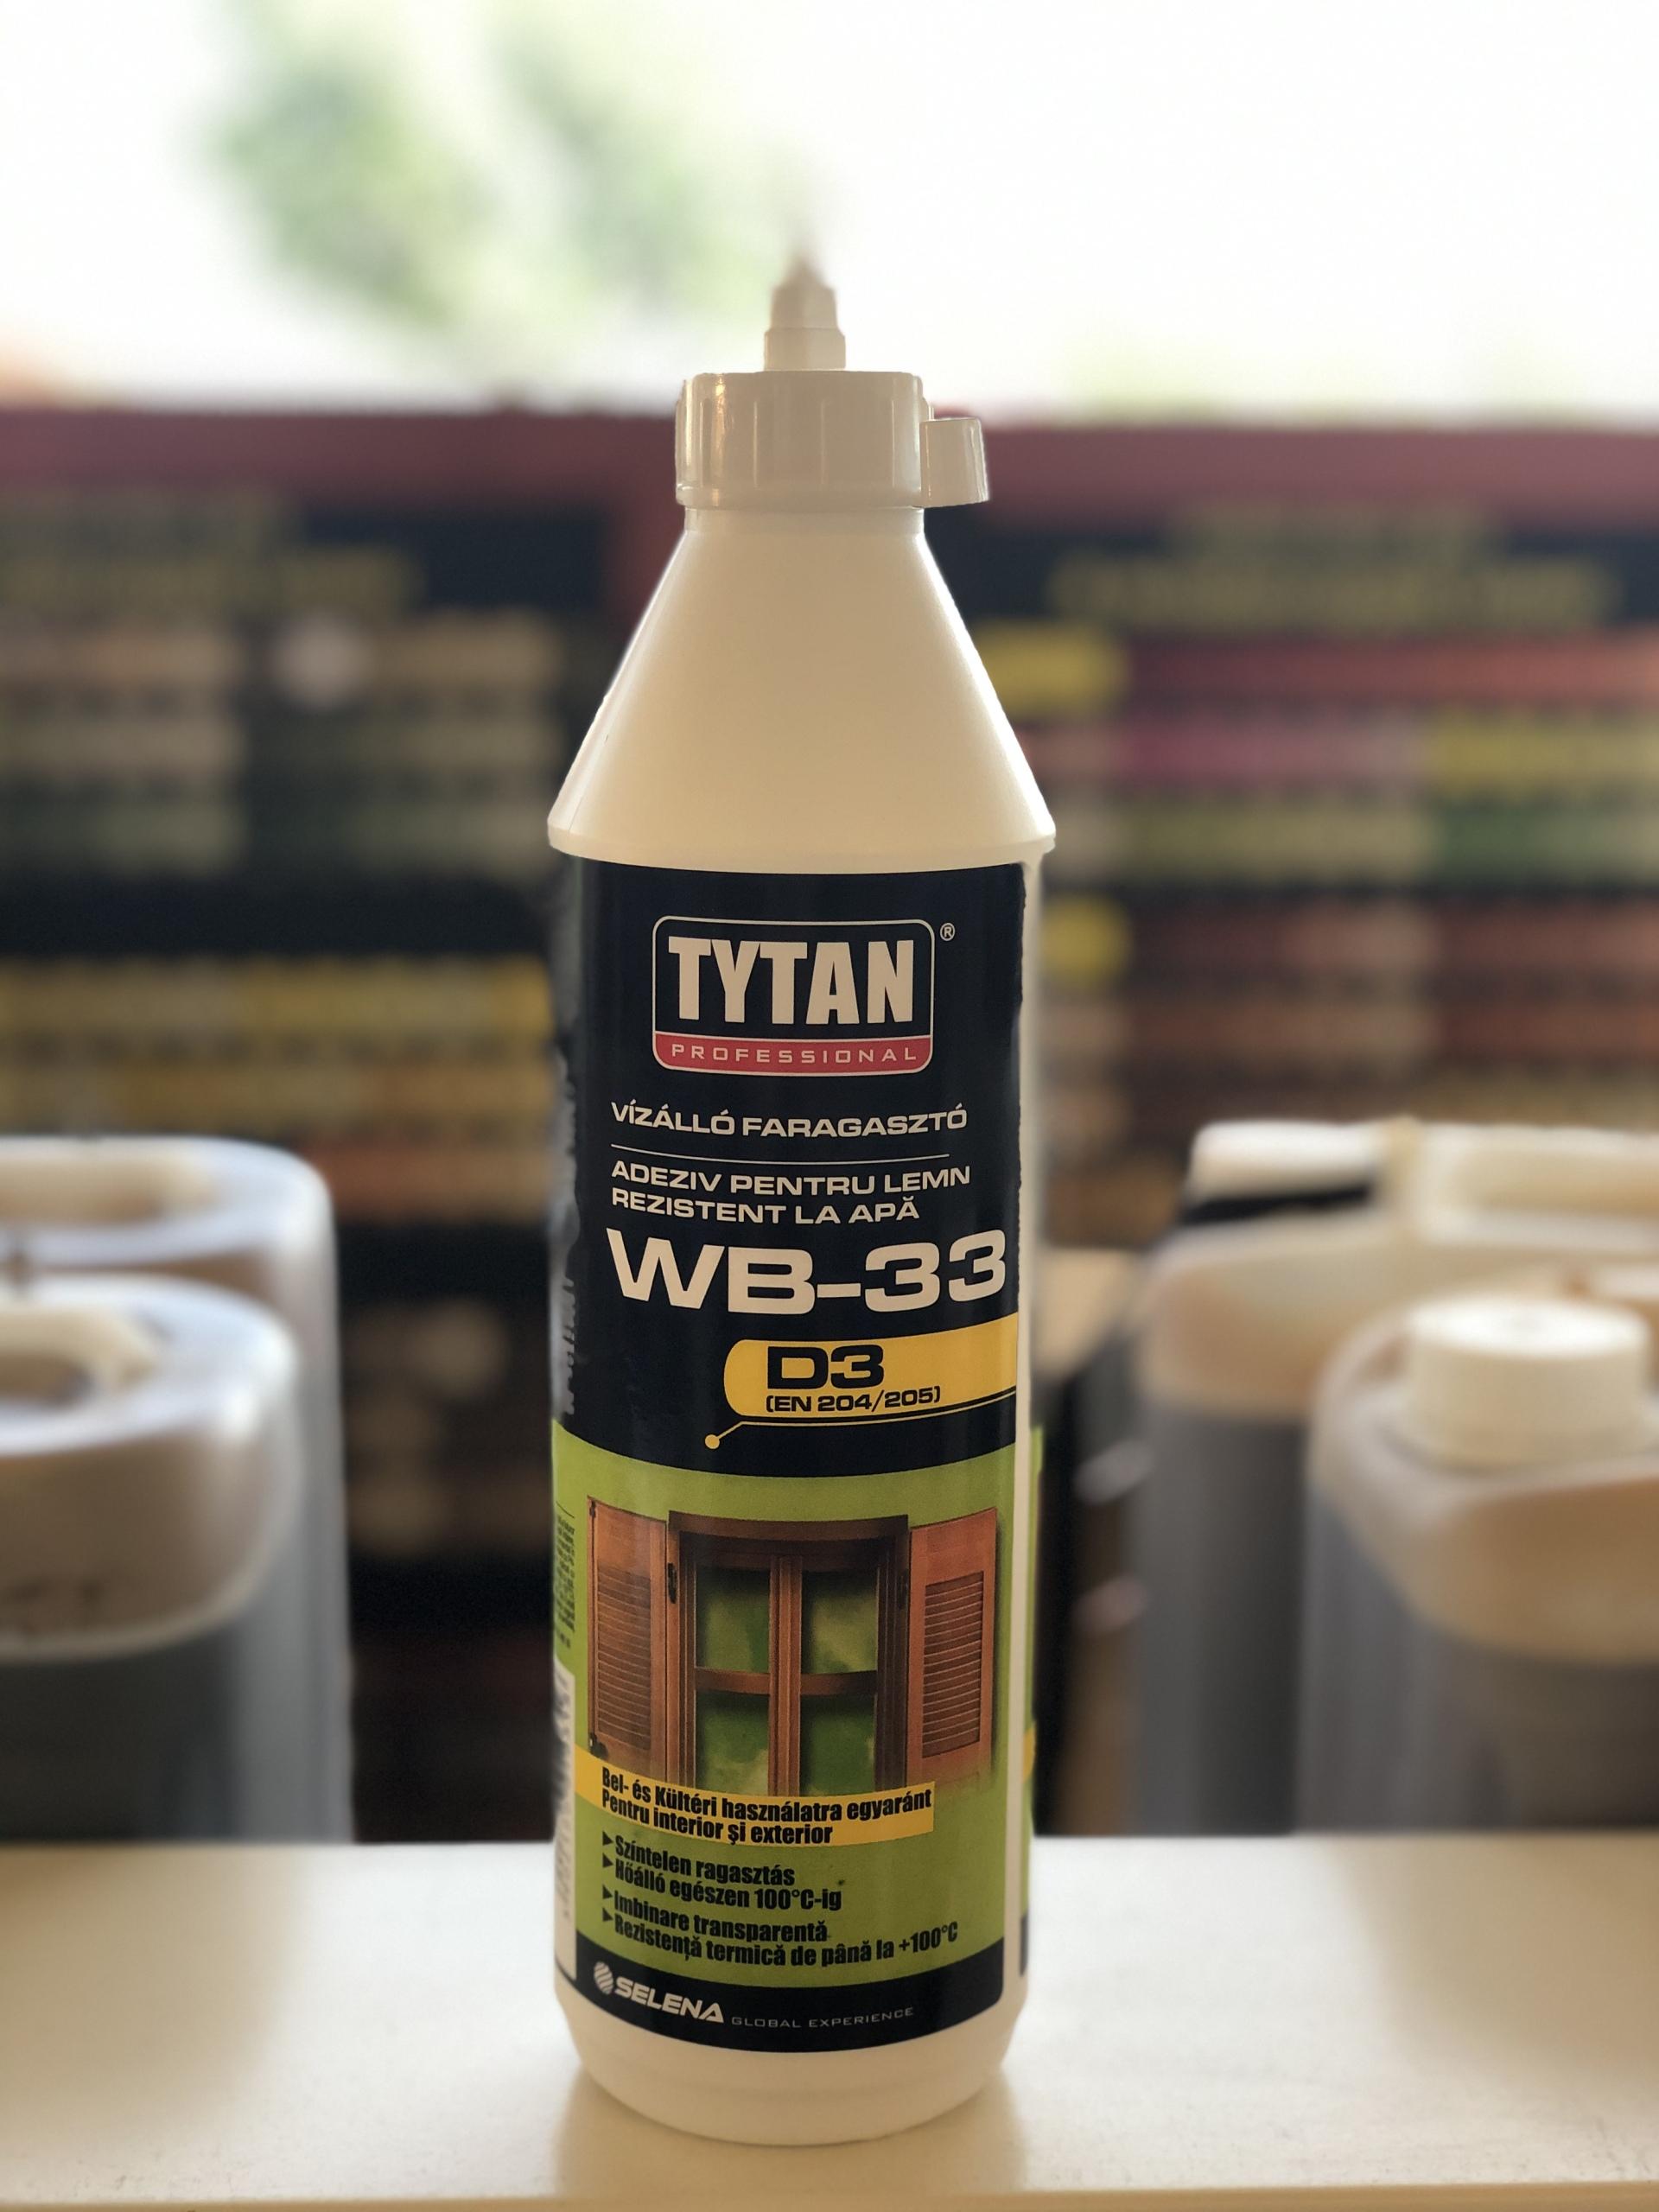 Tytan Prof. Vízálló faragasztó WB-33 750 g. BAUplaza Kft.